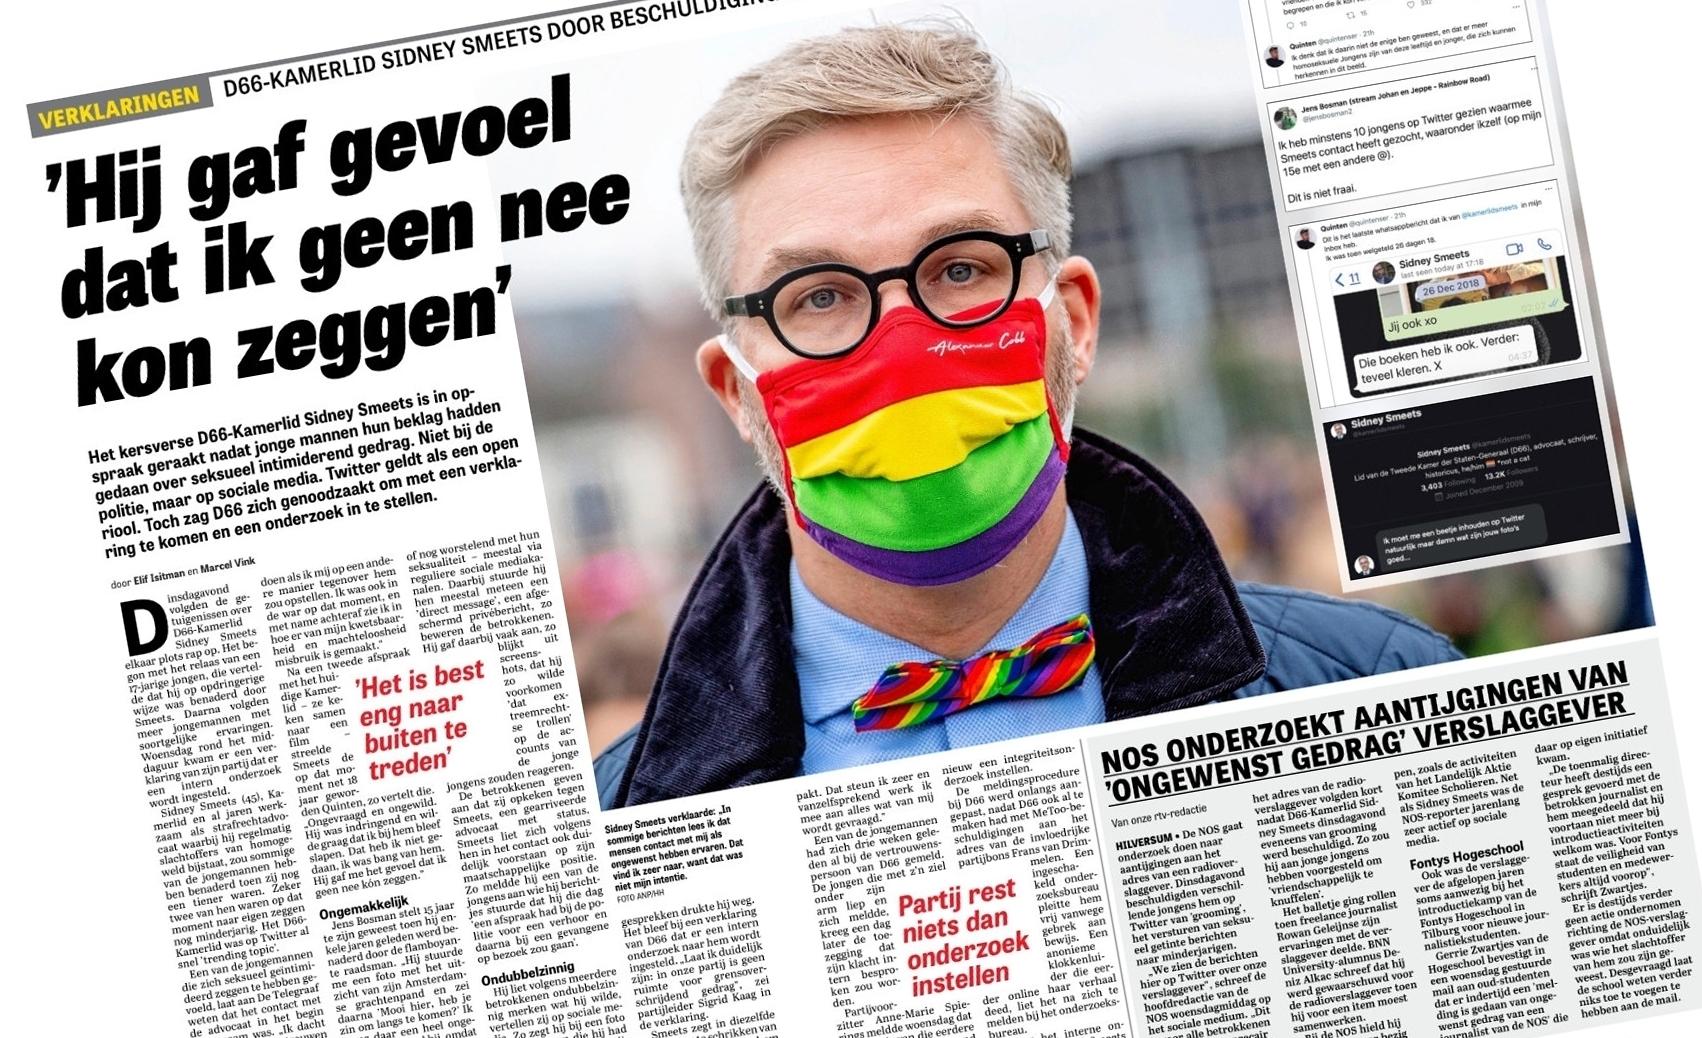 Affaire Sidney Smeets: hoe pedo- en homoseksualiteit verweven zijn